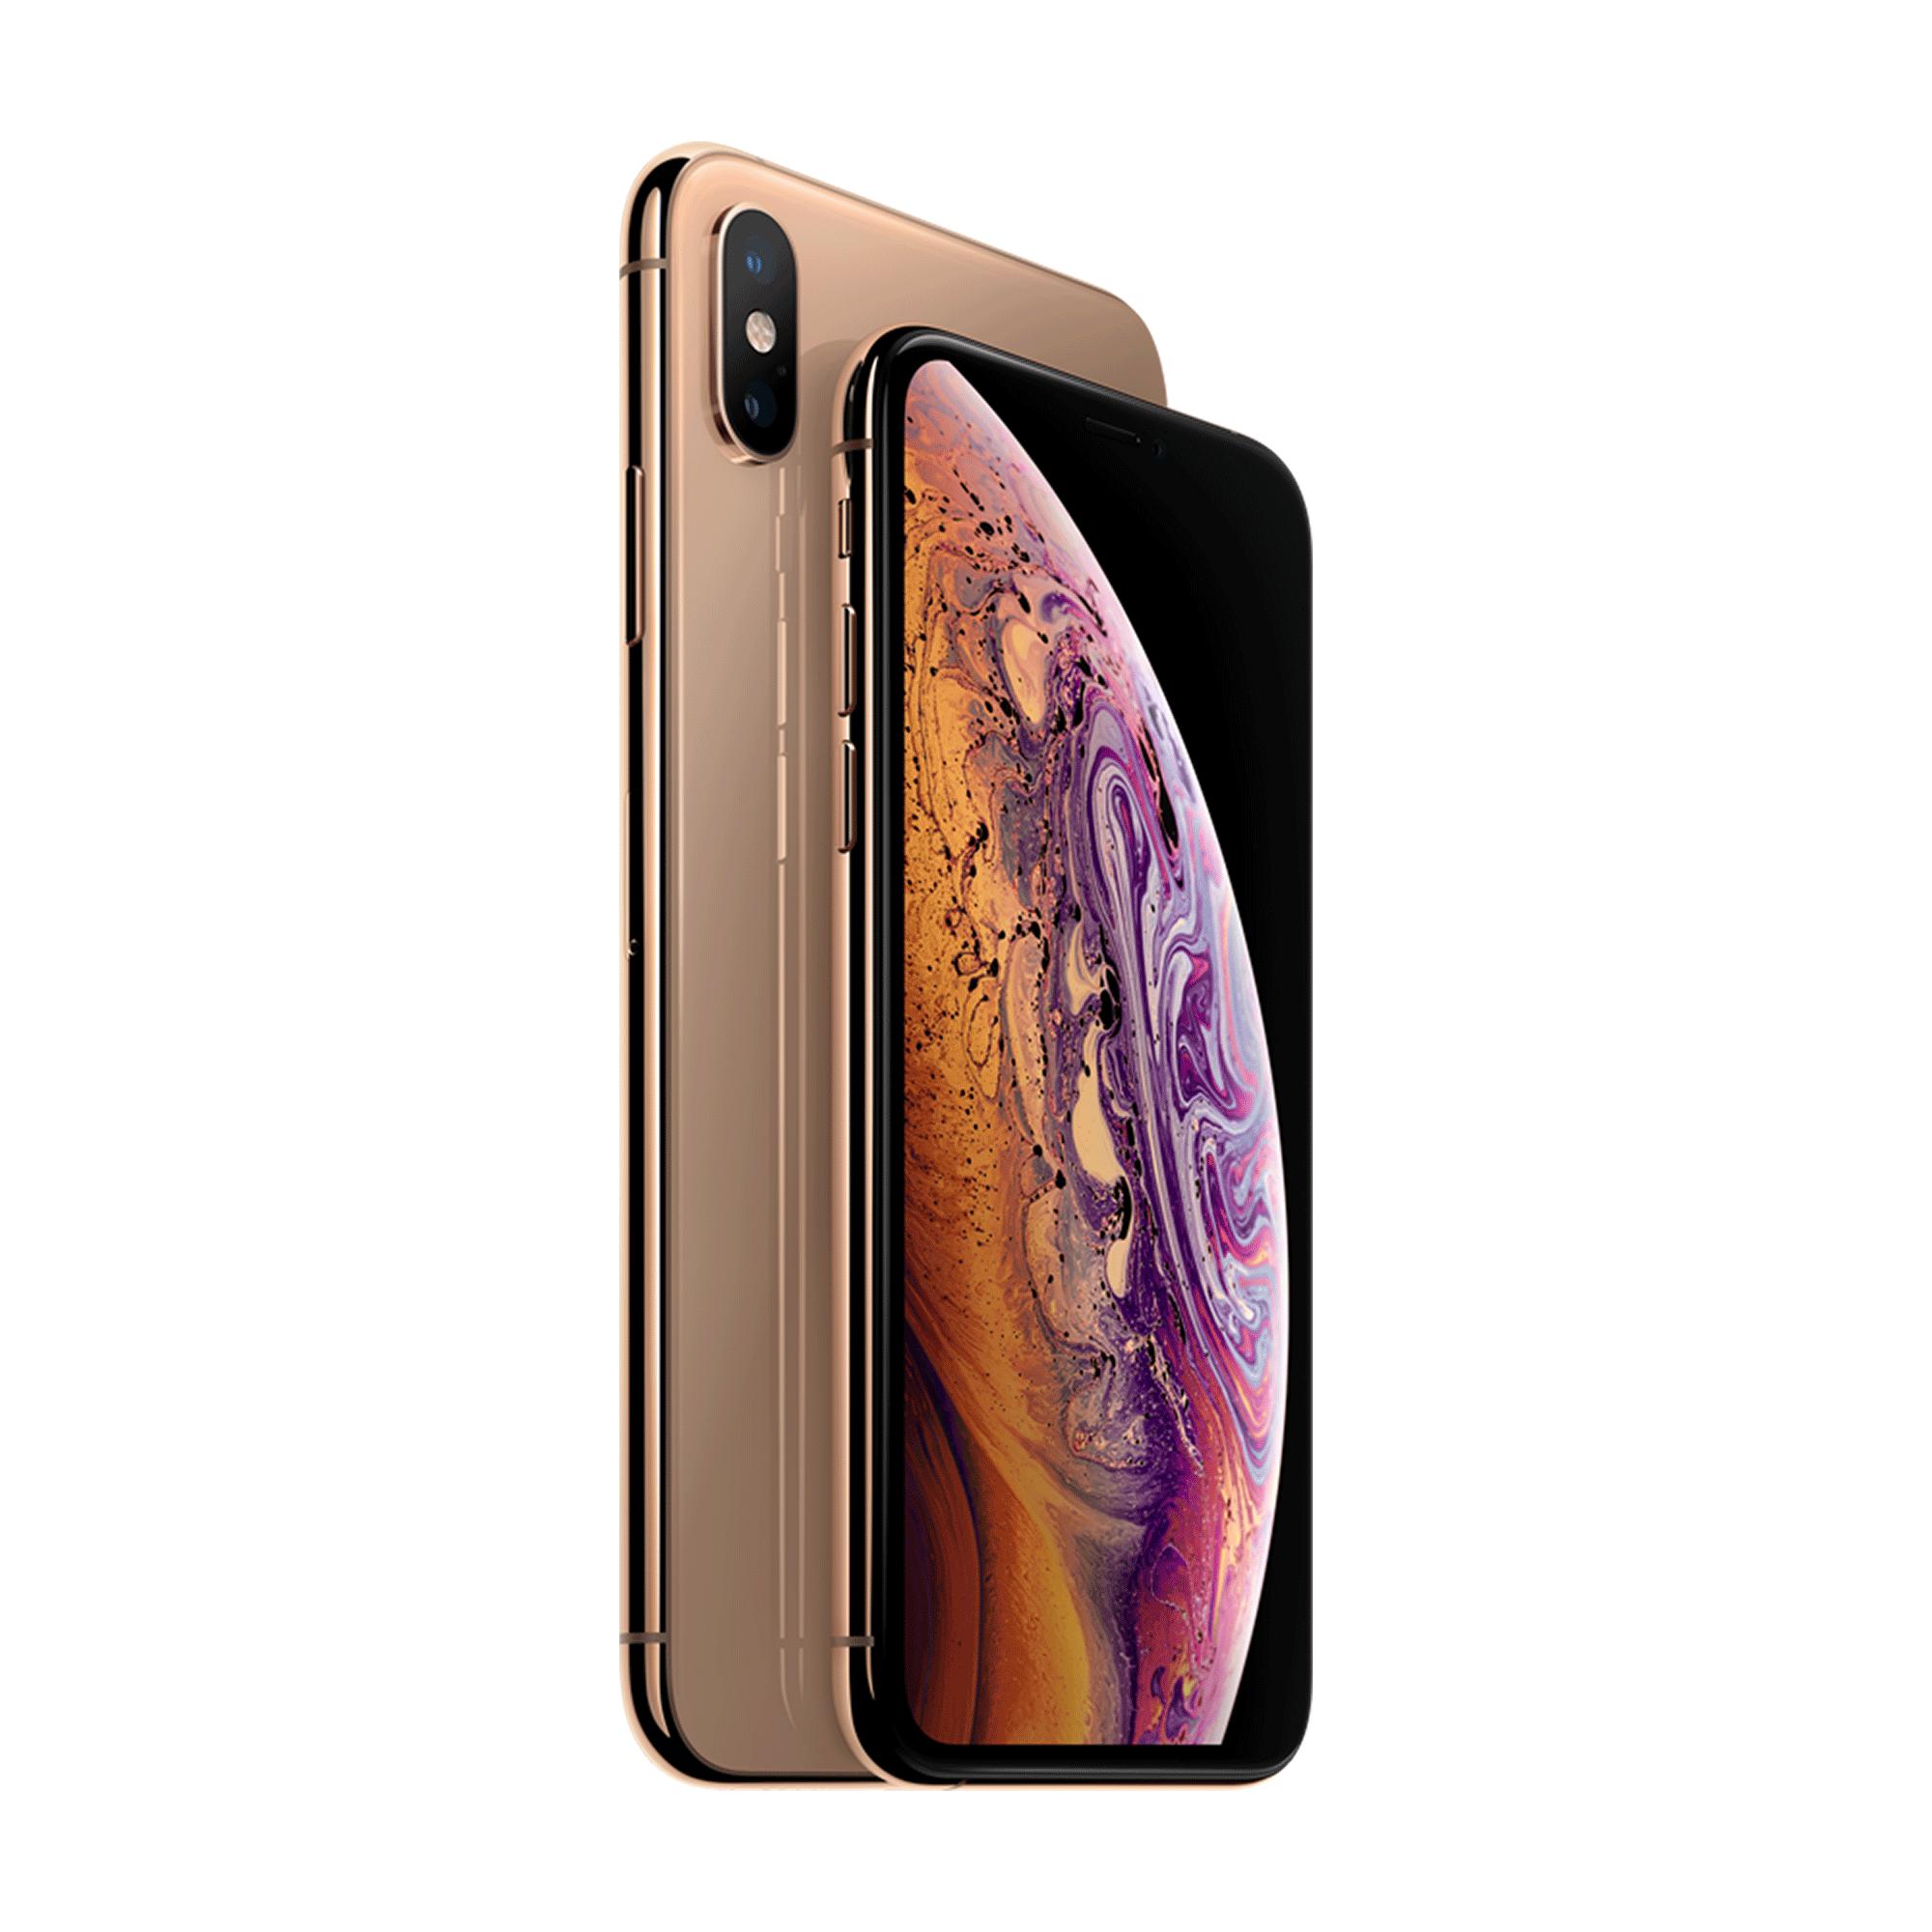 kisspng-apple-iphone-xs-max-iphone-xr-5cf9d458e74fb1.2579487315598766969475